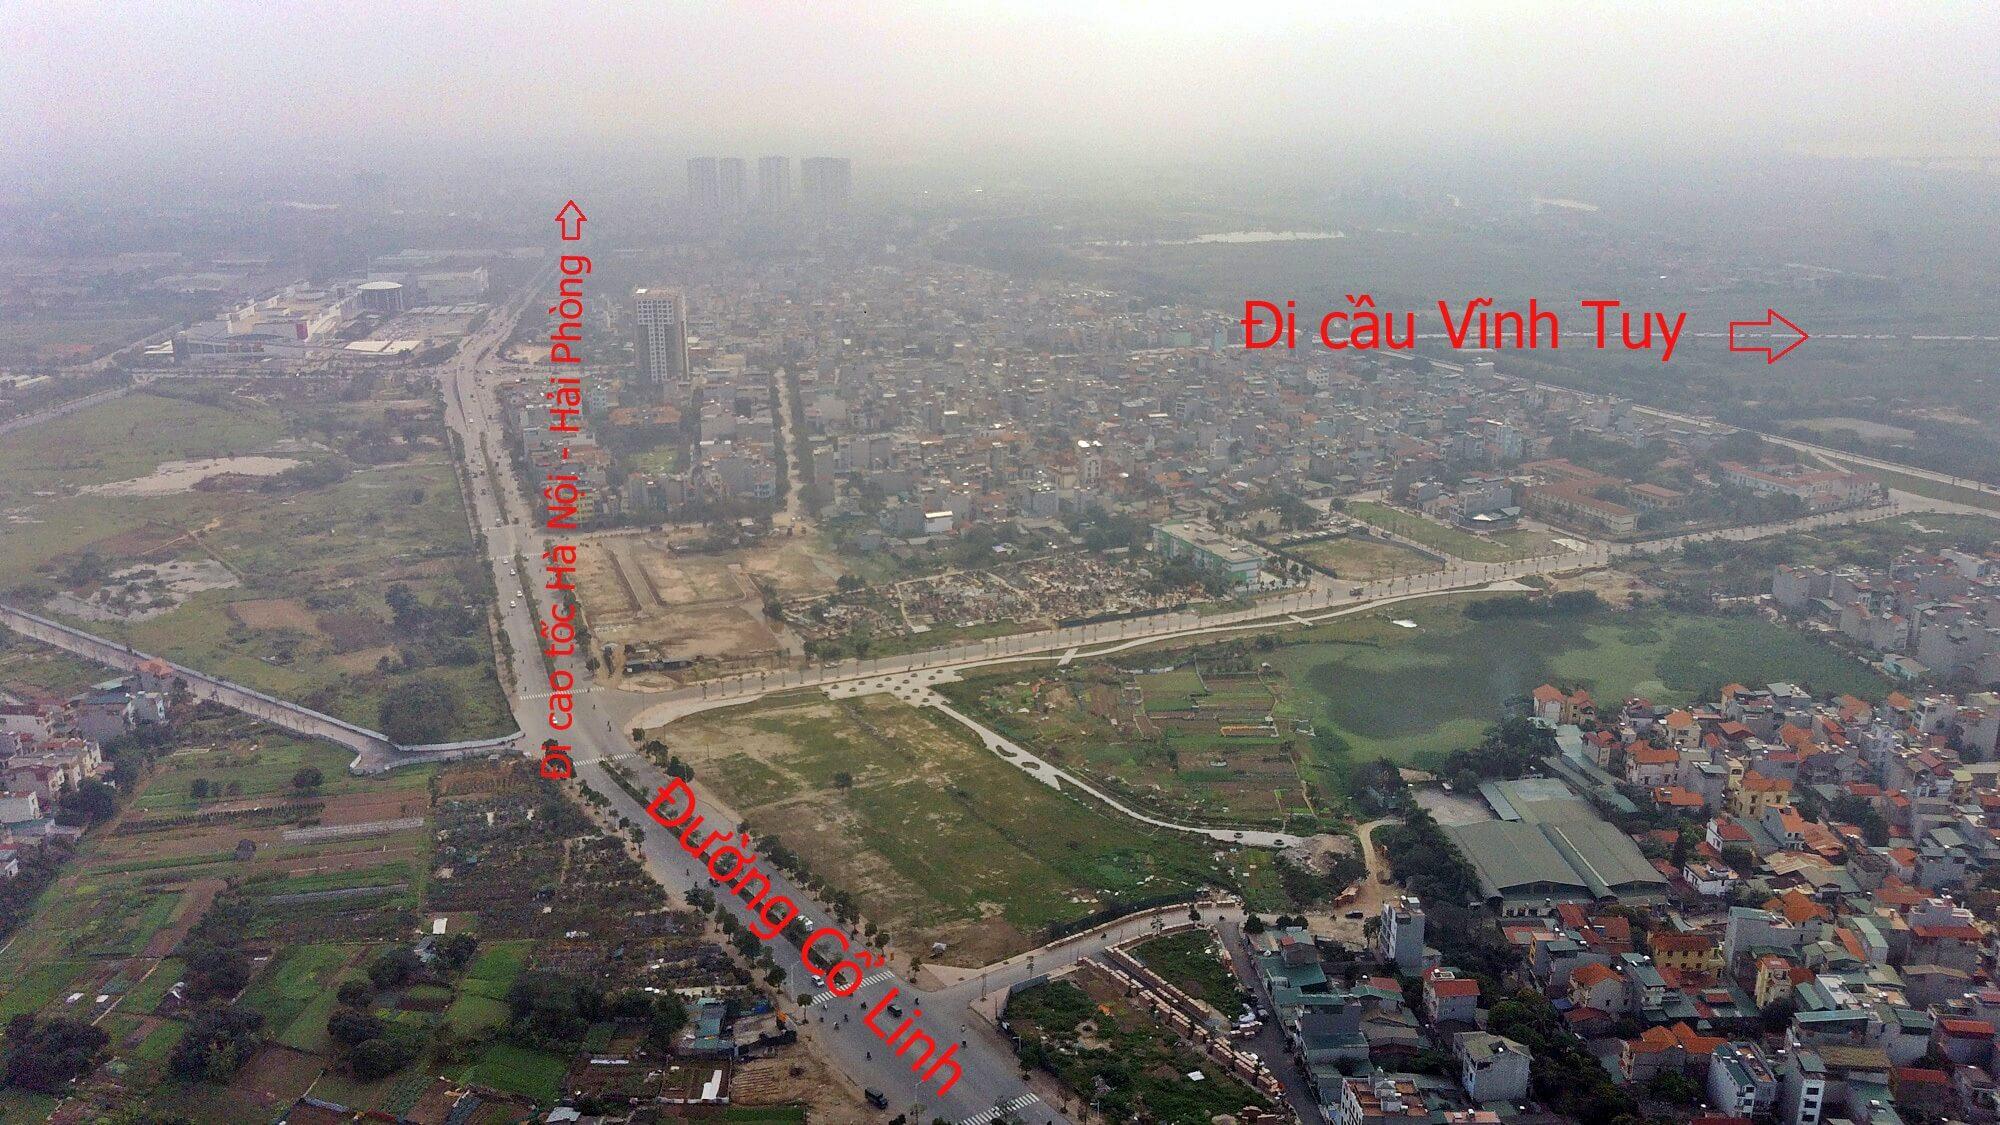 Từ nút giao Cổ Linh, người dân có thể đi đến trực tiếp đường cao tốc Hà Nội - Hải Phòng.